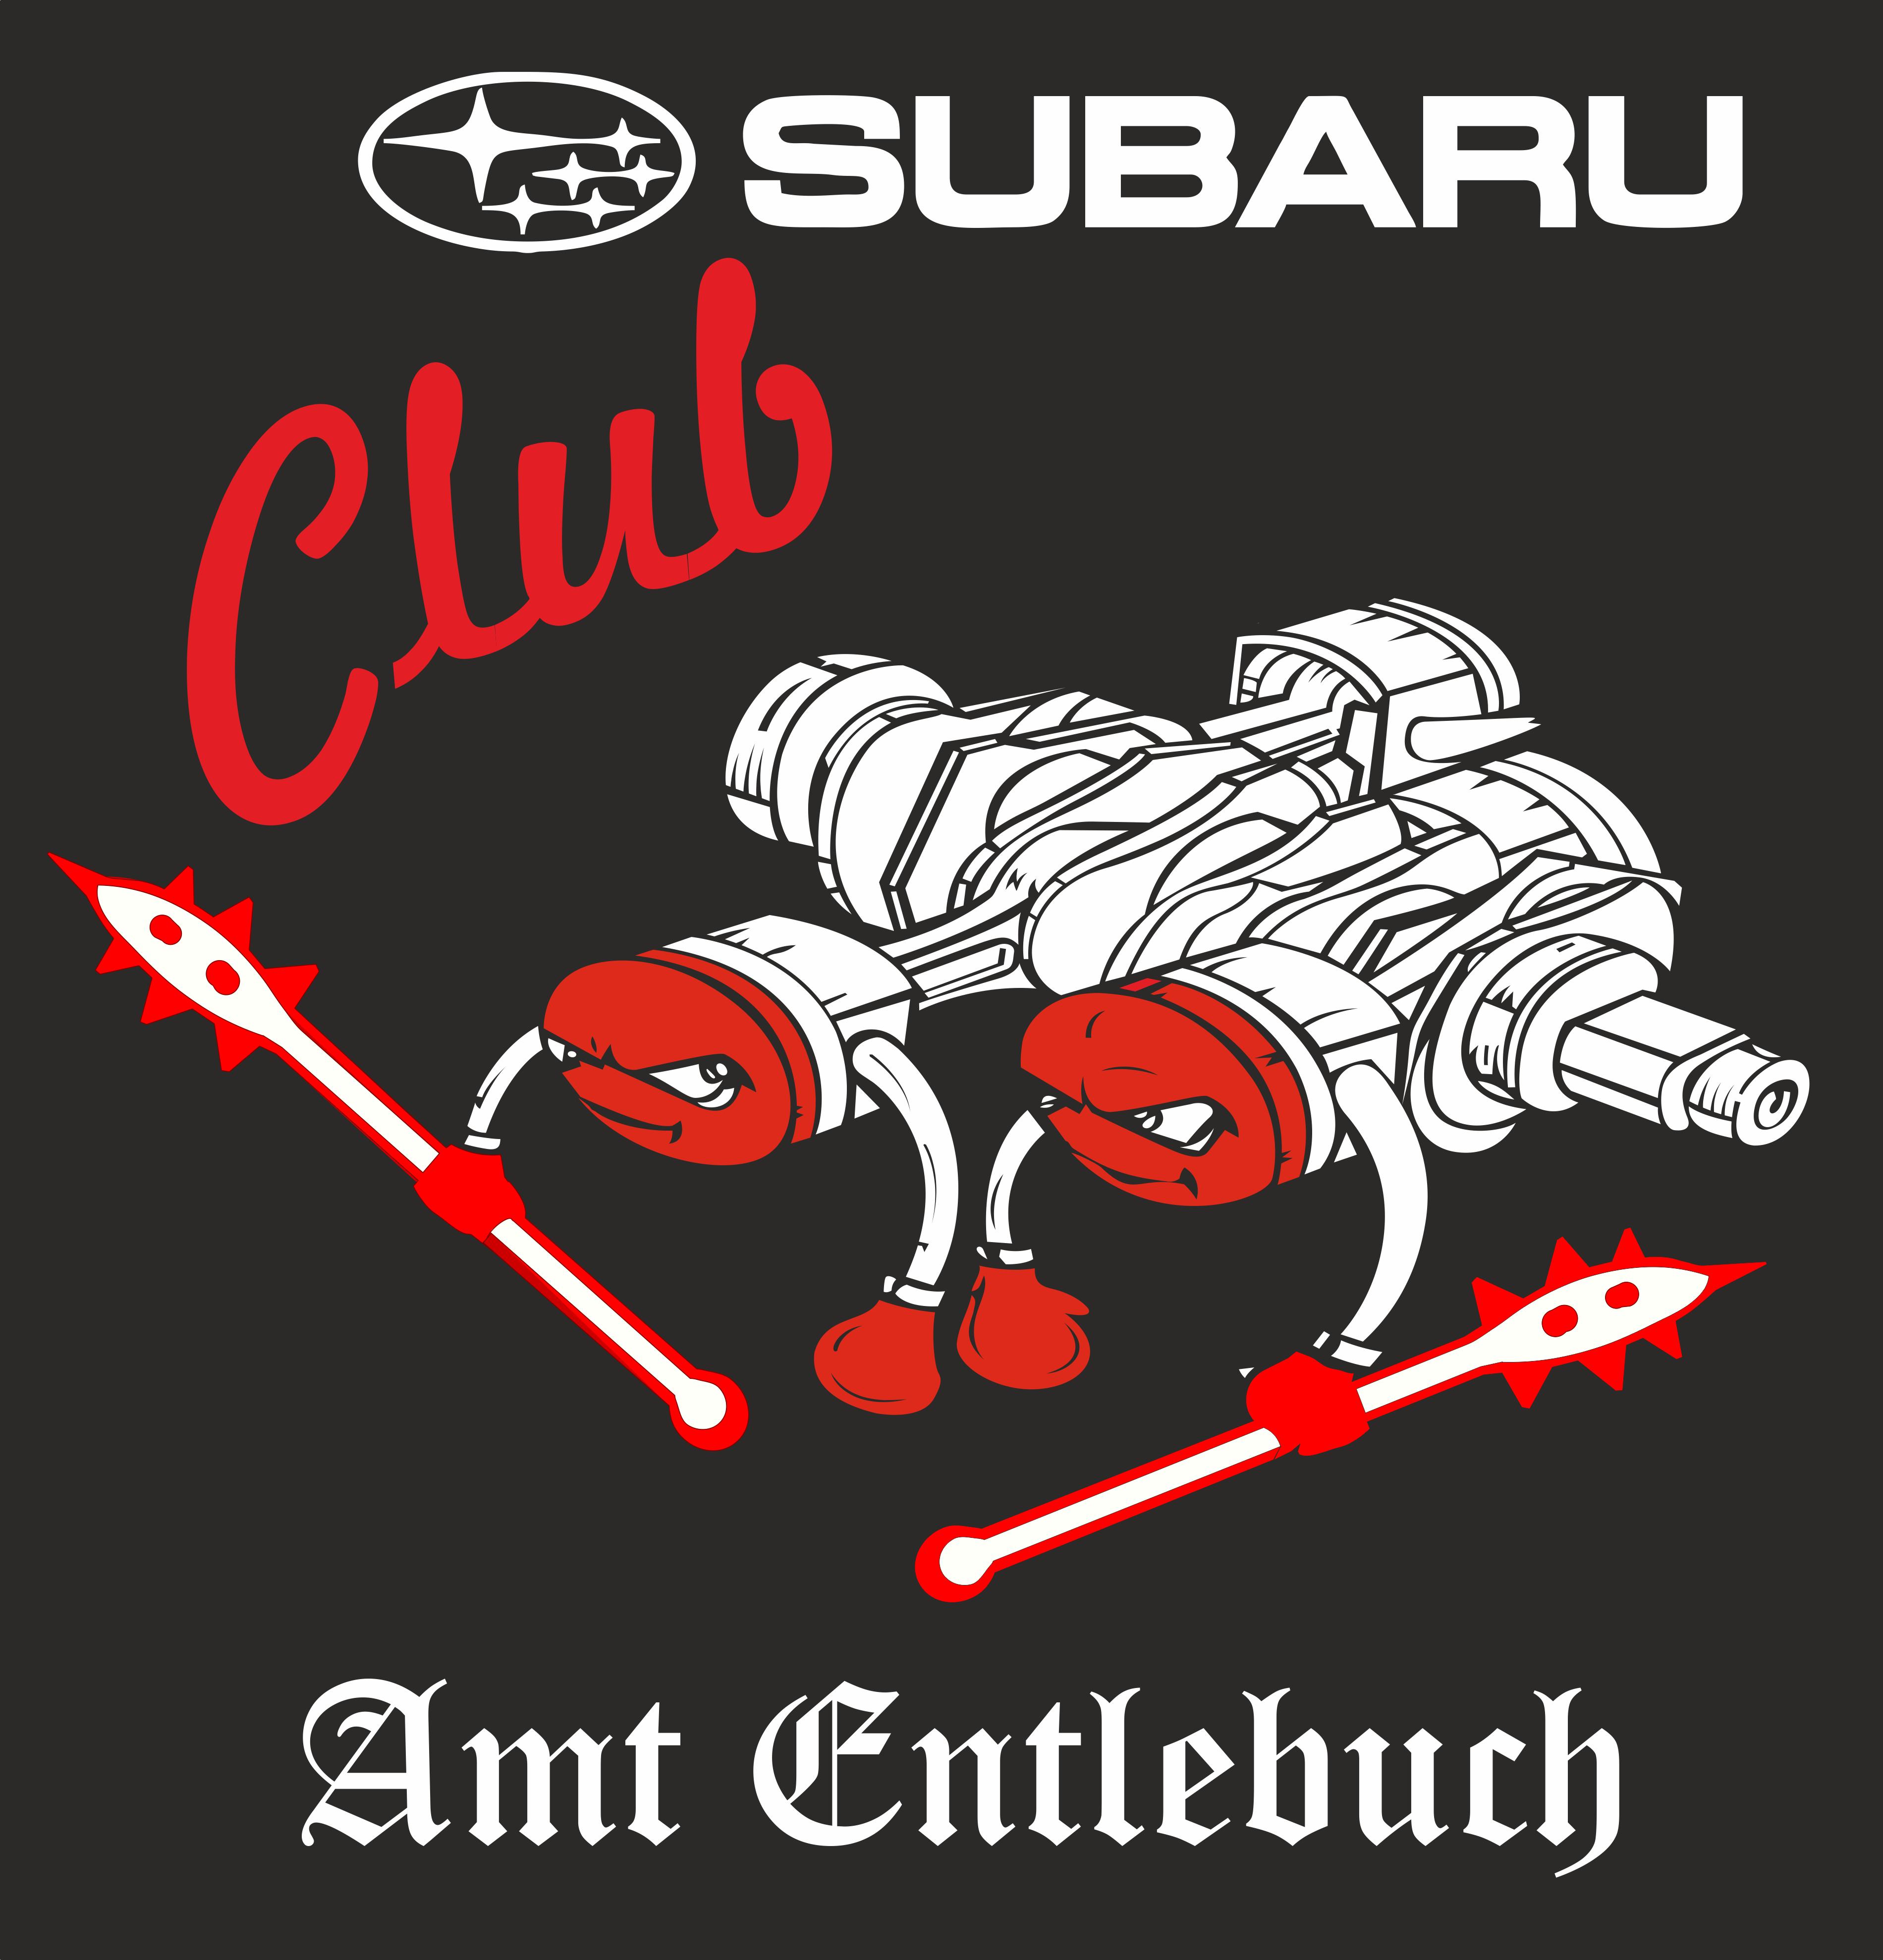 Subaru Club Amt Entlebuch